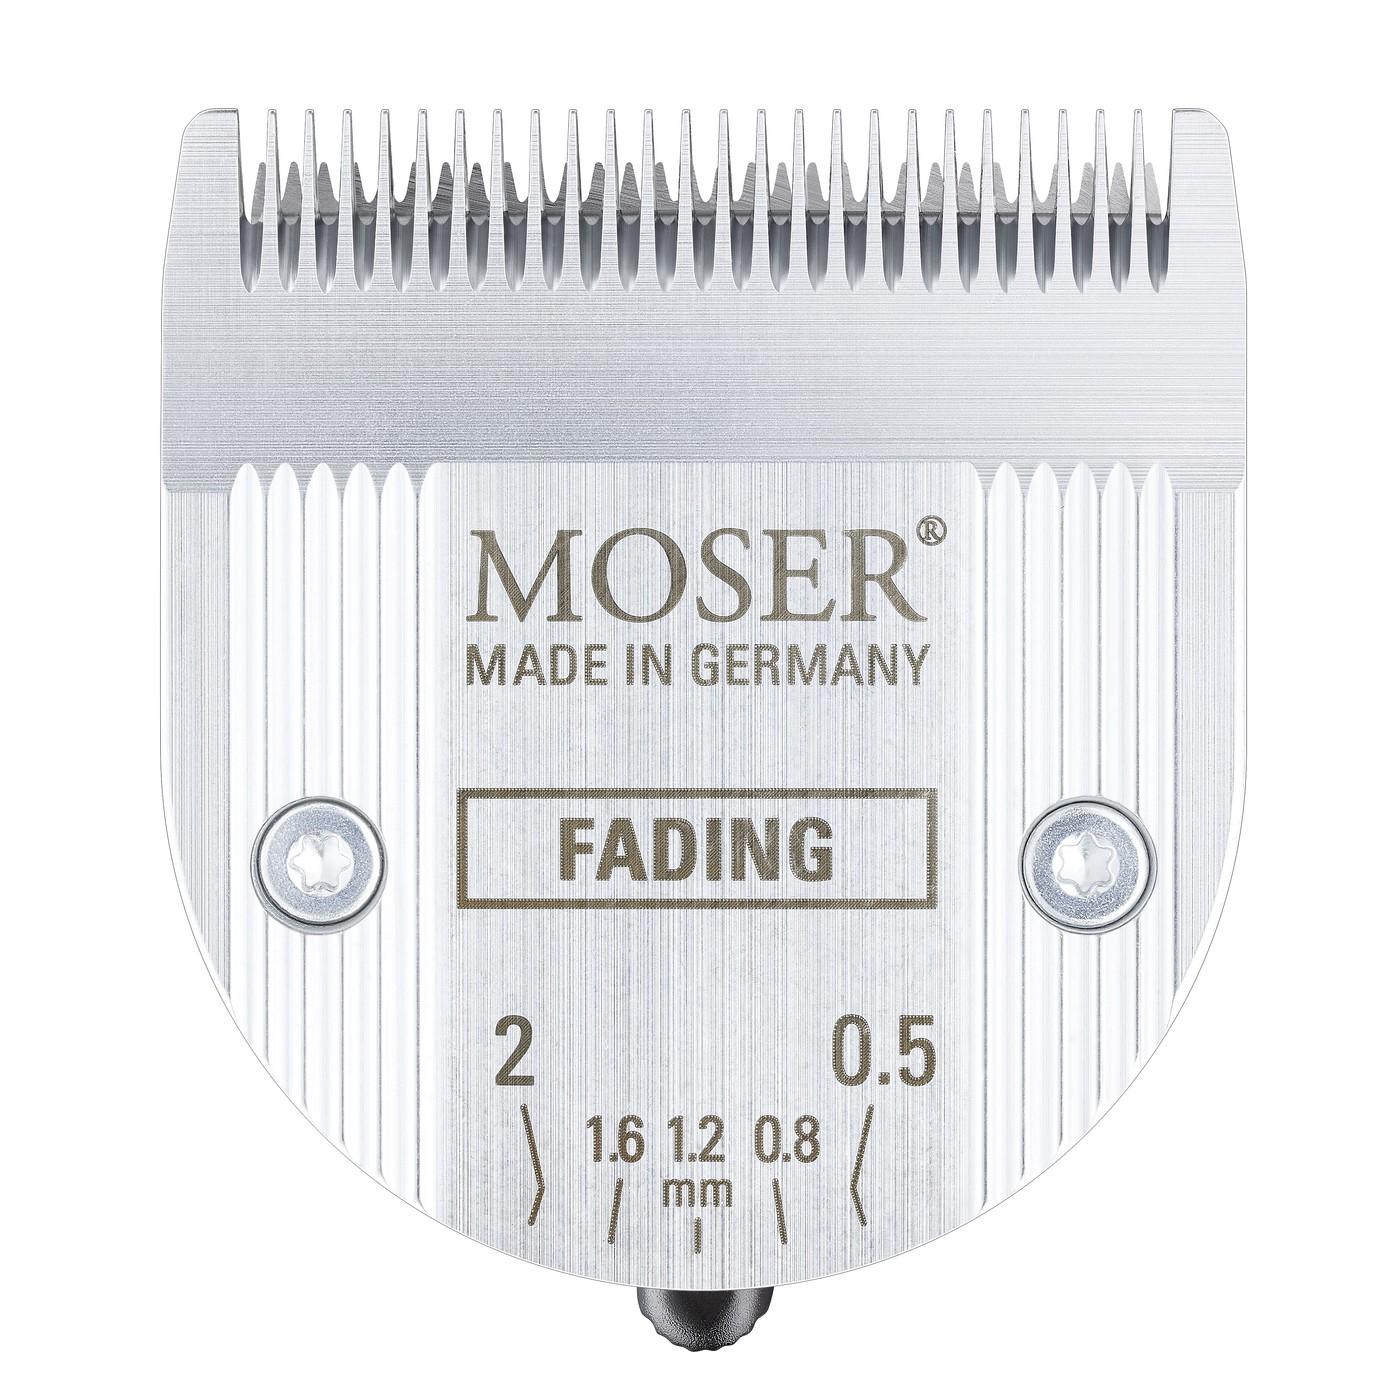 Profesionálne strihacie hlavice MOSER pre strojčeky MOSER a WAHL 1854, 1871, 1872, 1873, 1884, 1886, 1888 1